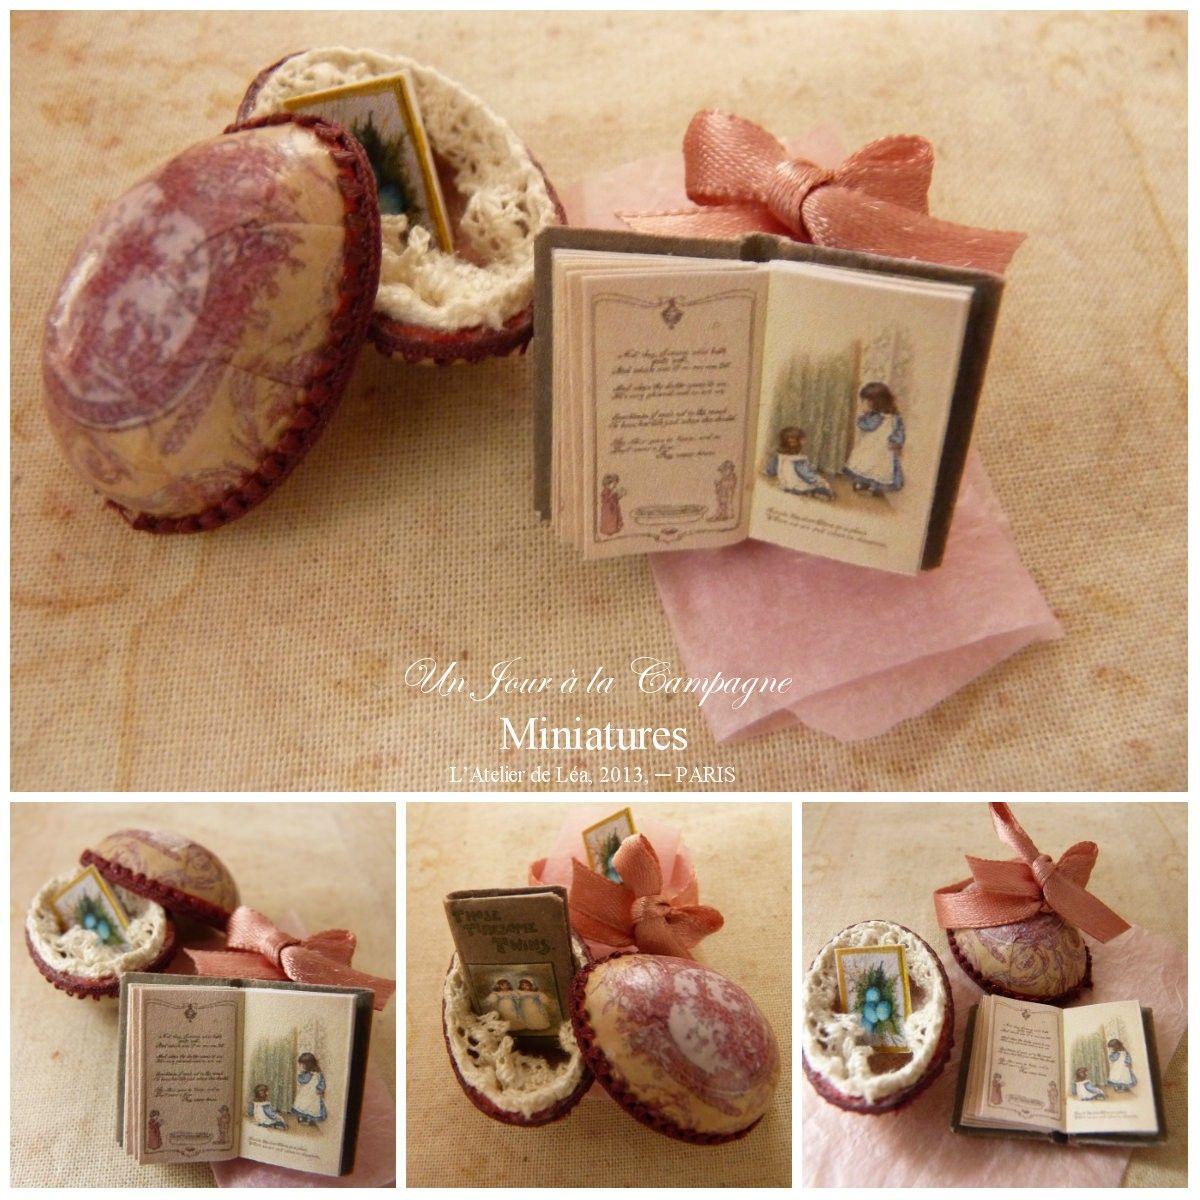 El libro di Caterina - Léa Atelier - http://atelier-de-lea.blogspot.com.ar/